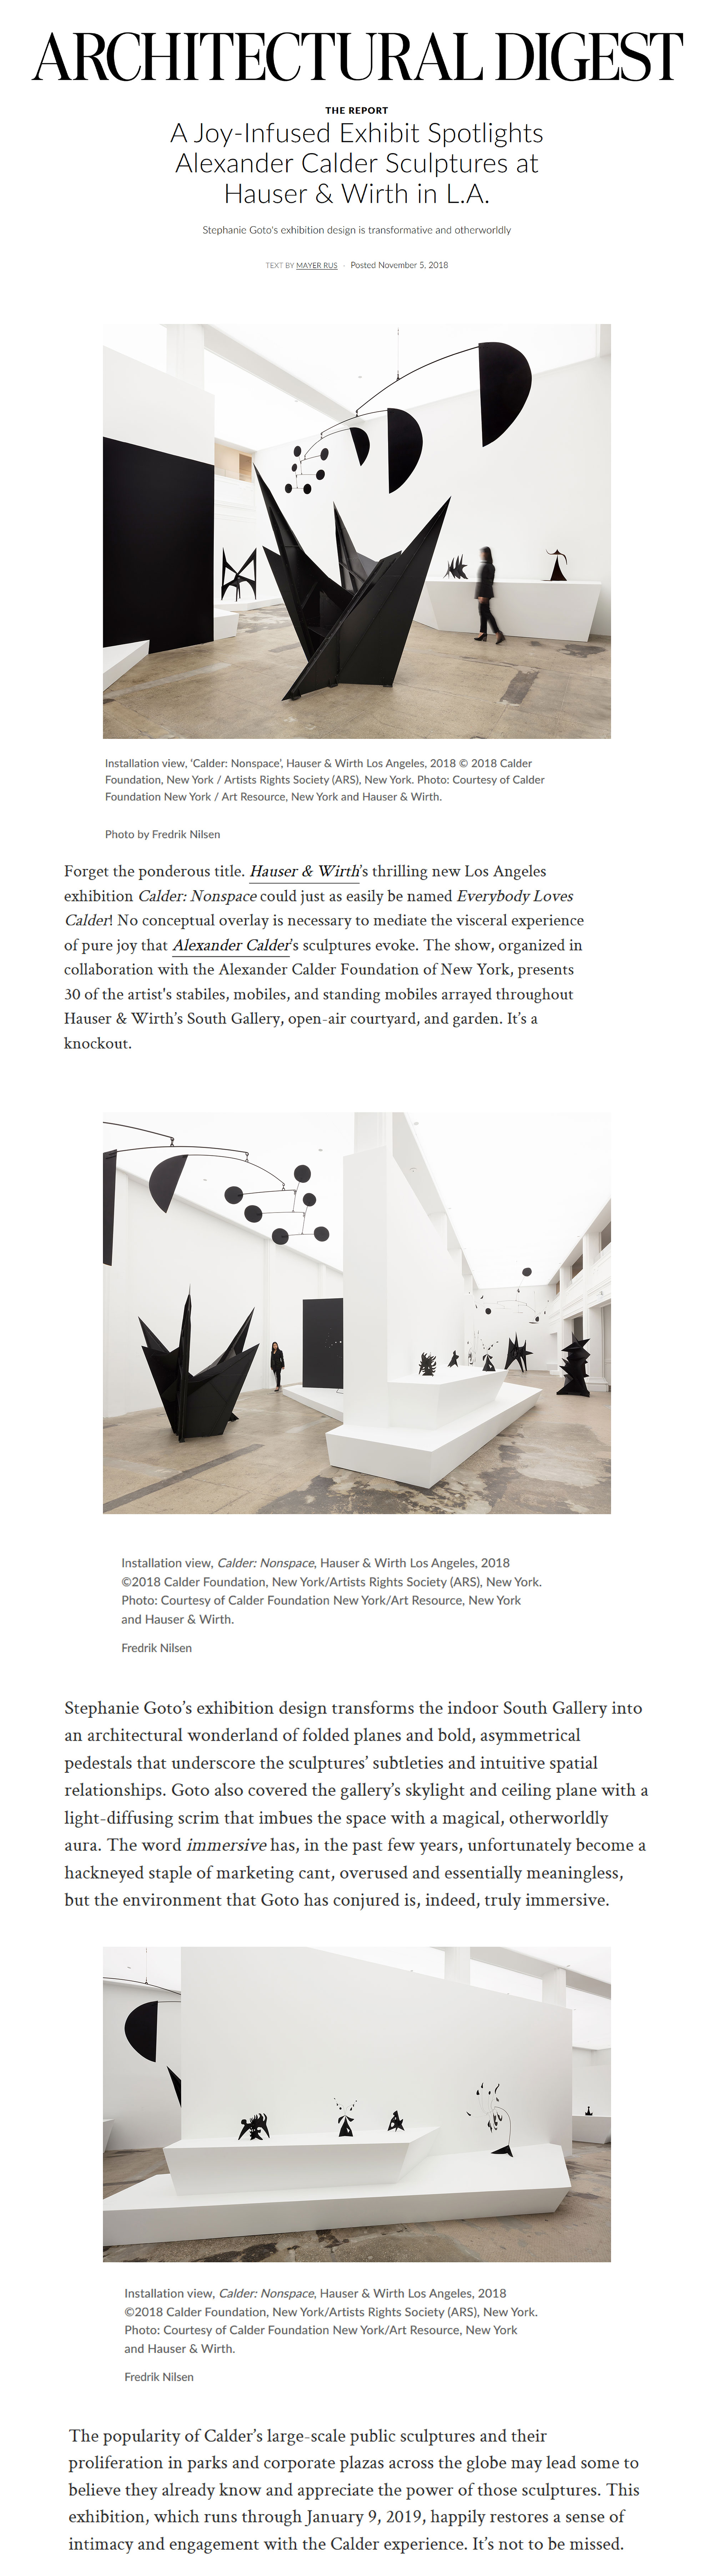 2018-11-HW-Architectural-Digest-SG.jpg